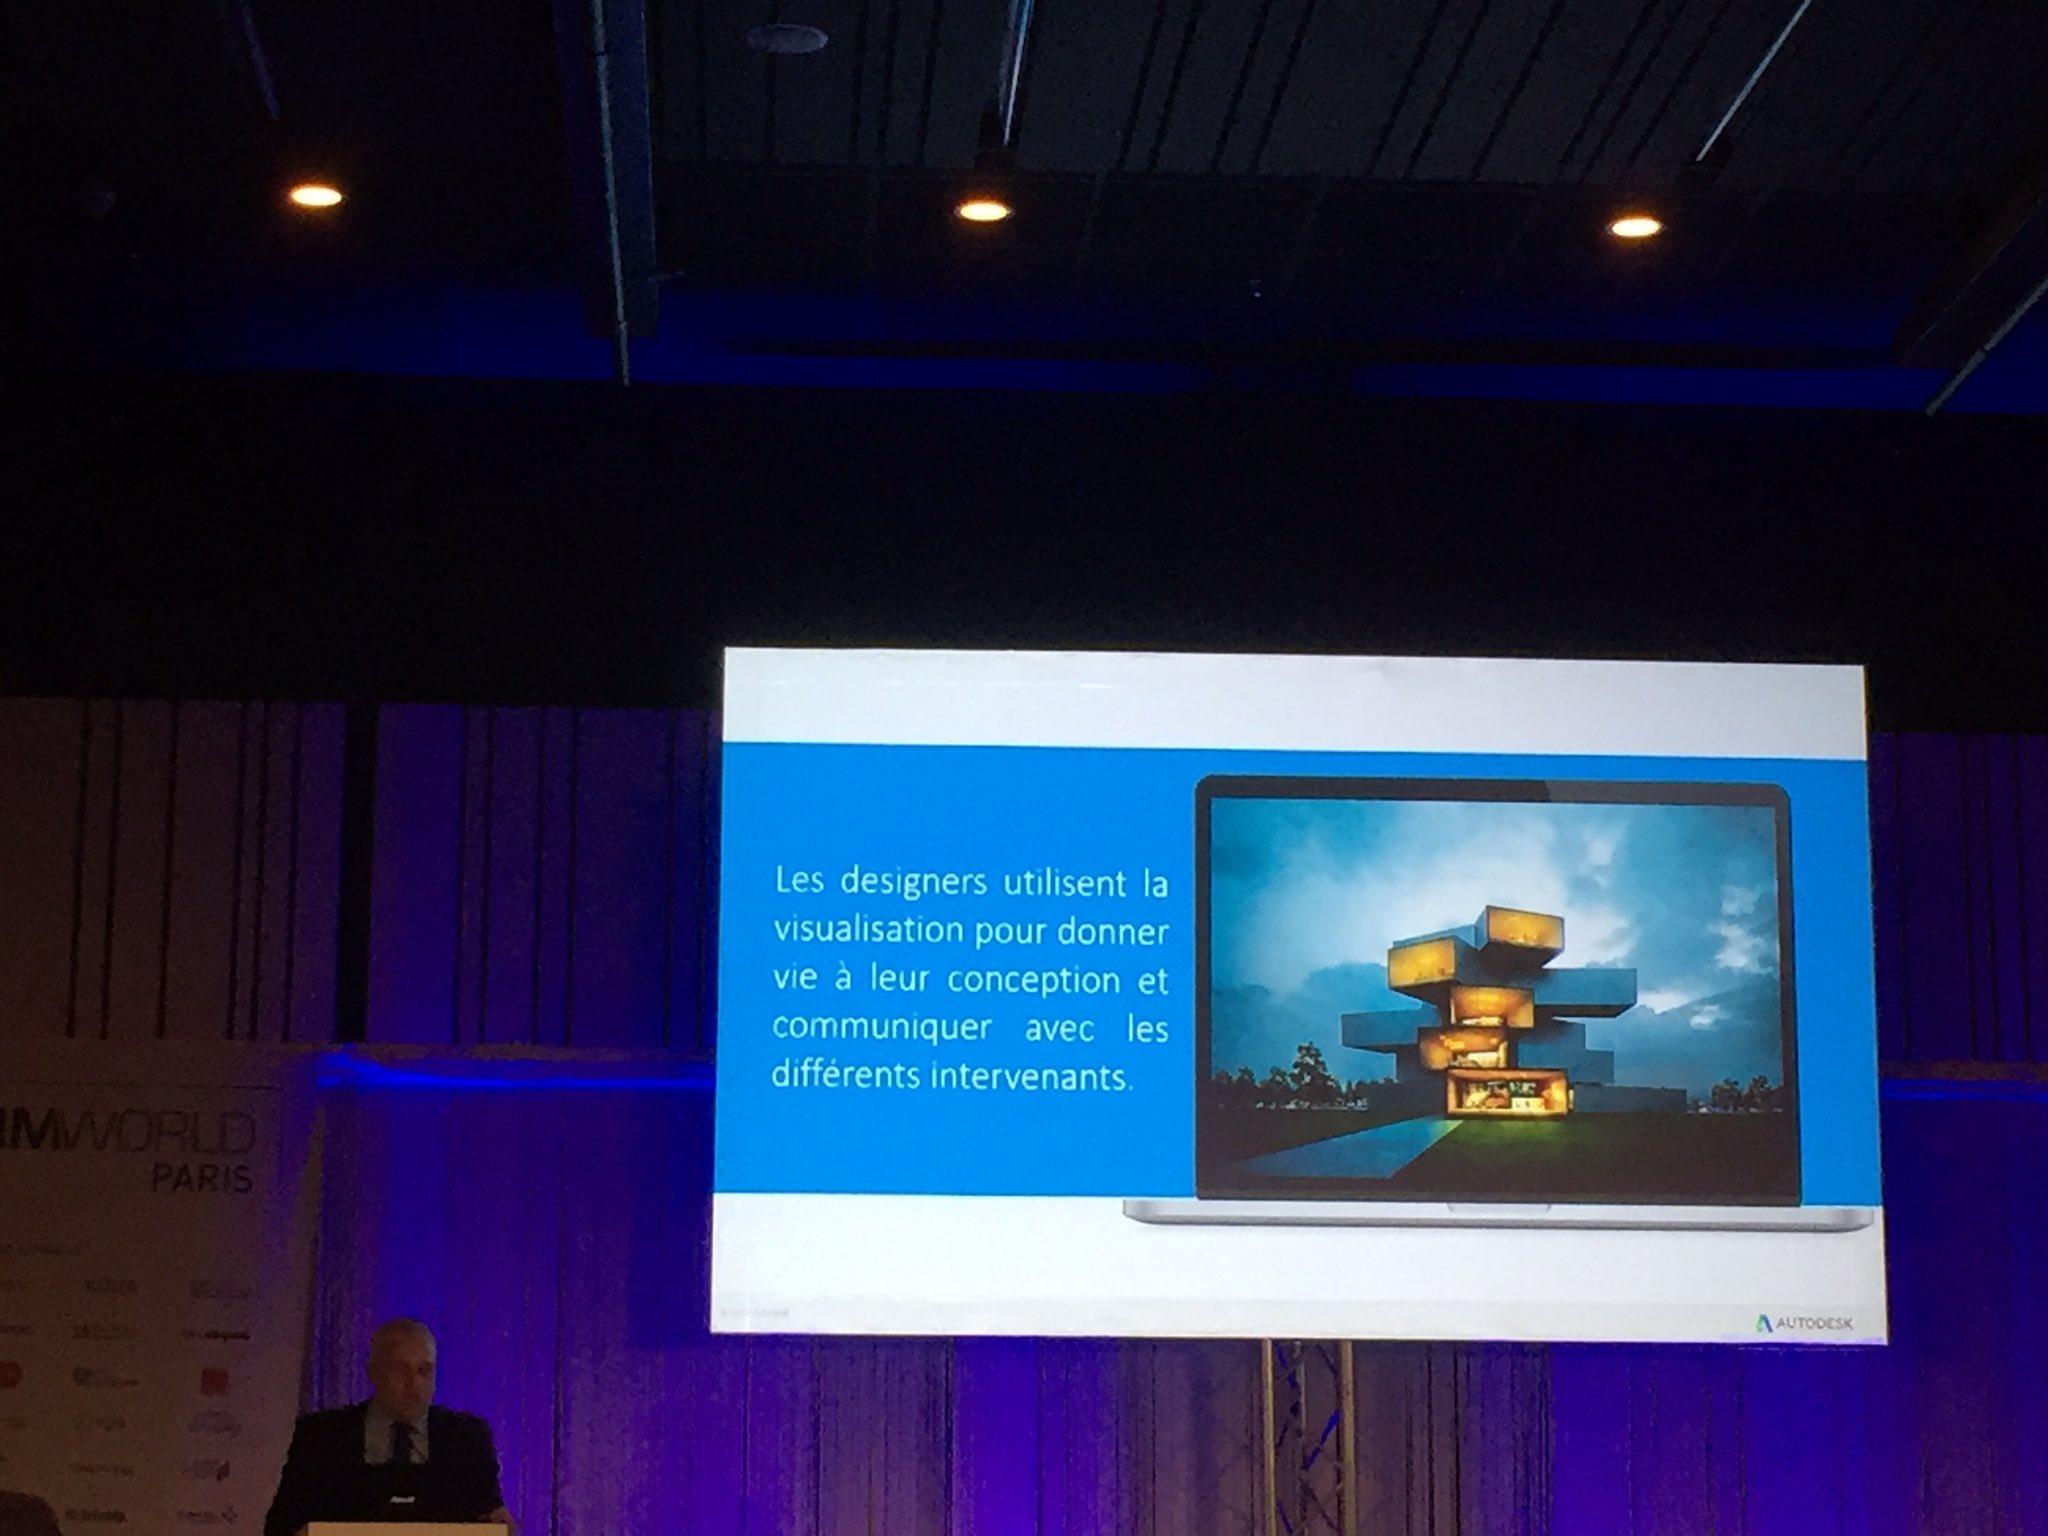 """#BIMworld """"le saviez-vous ? Autodesk est un des leaders mondial dans le domaine de la visualisation"""" @GwenaelBachelot https://t.co/ZW29aEKEAu"""